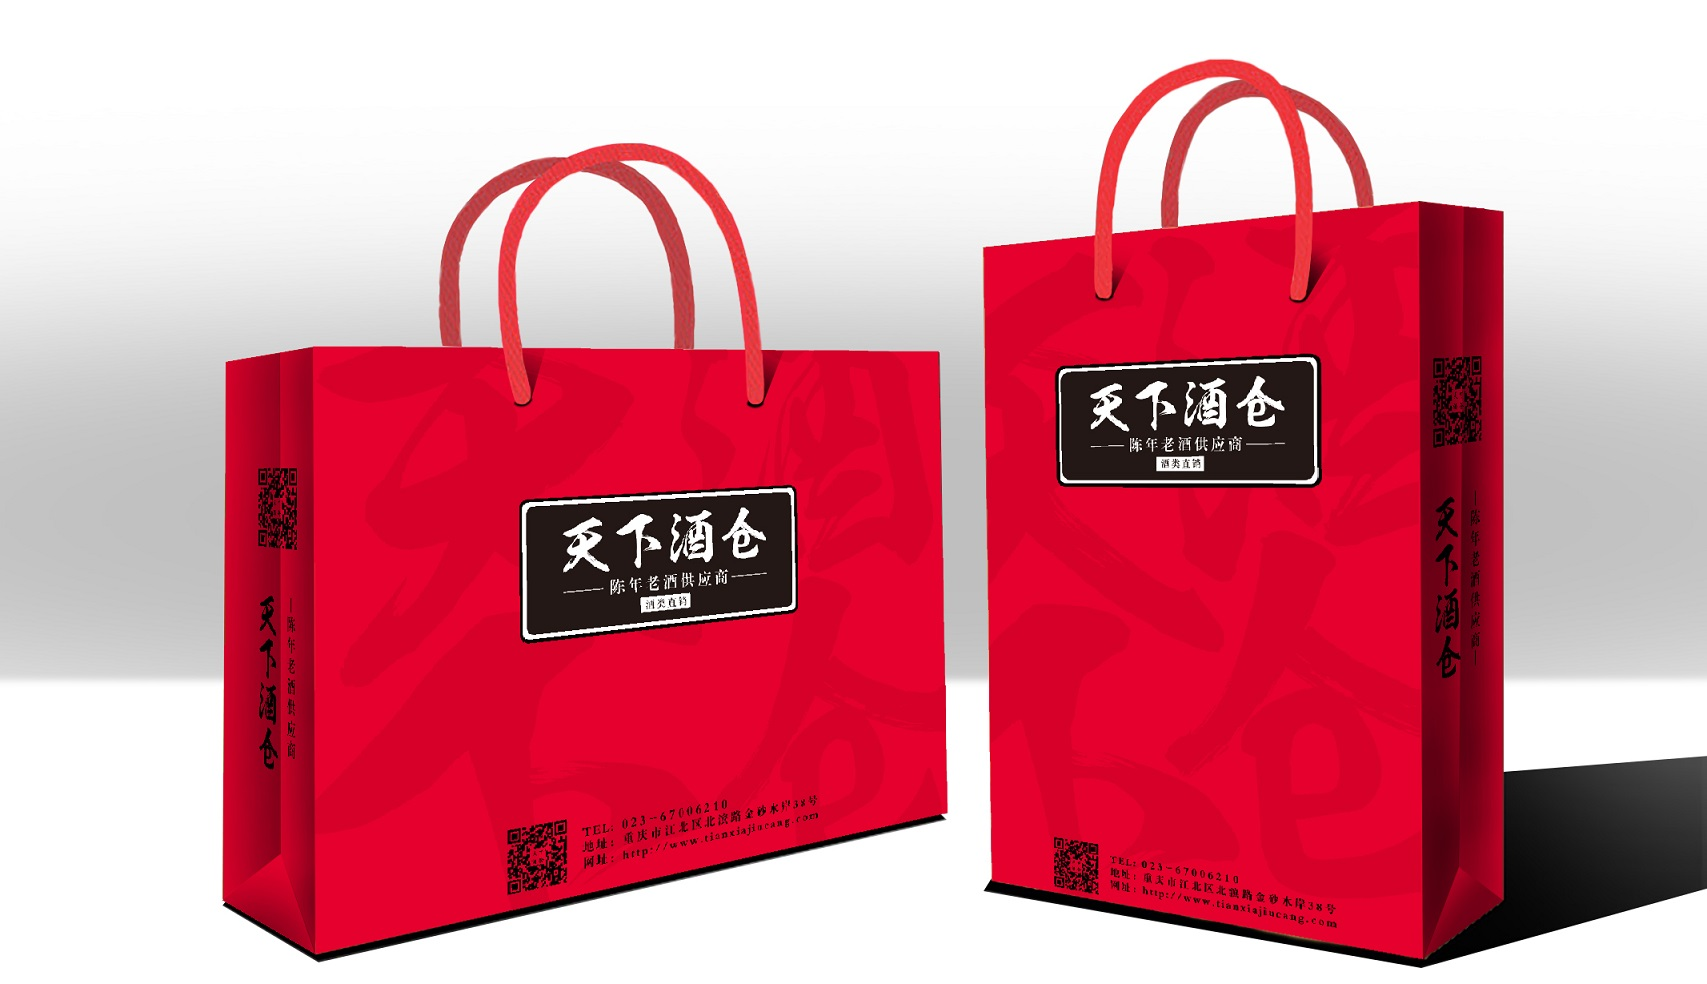 天下酒仓-手提袋产品包装设计